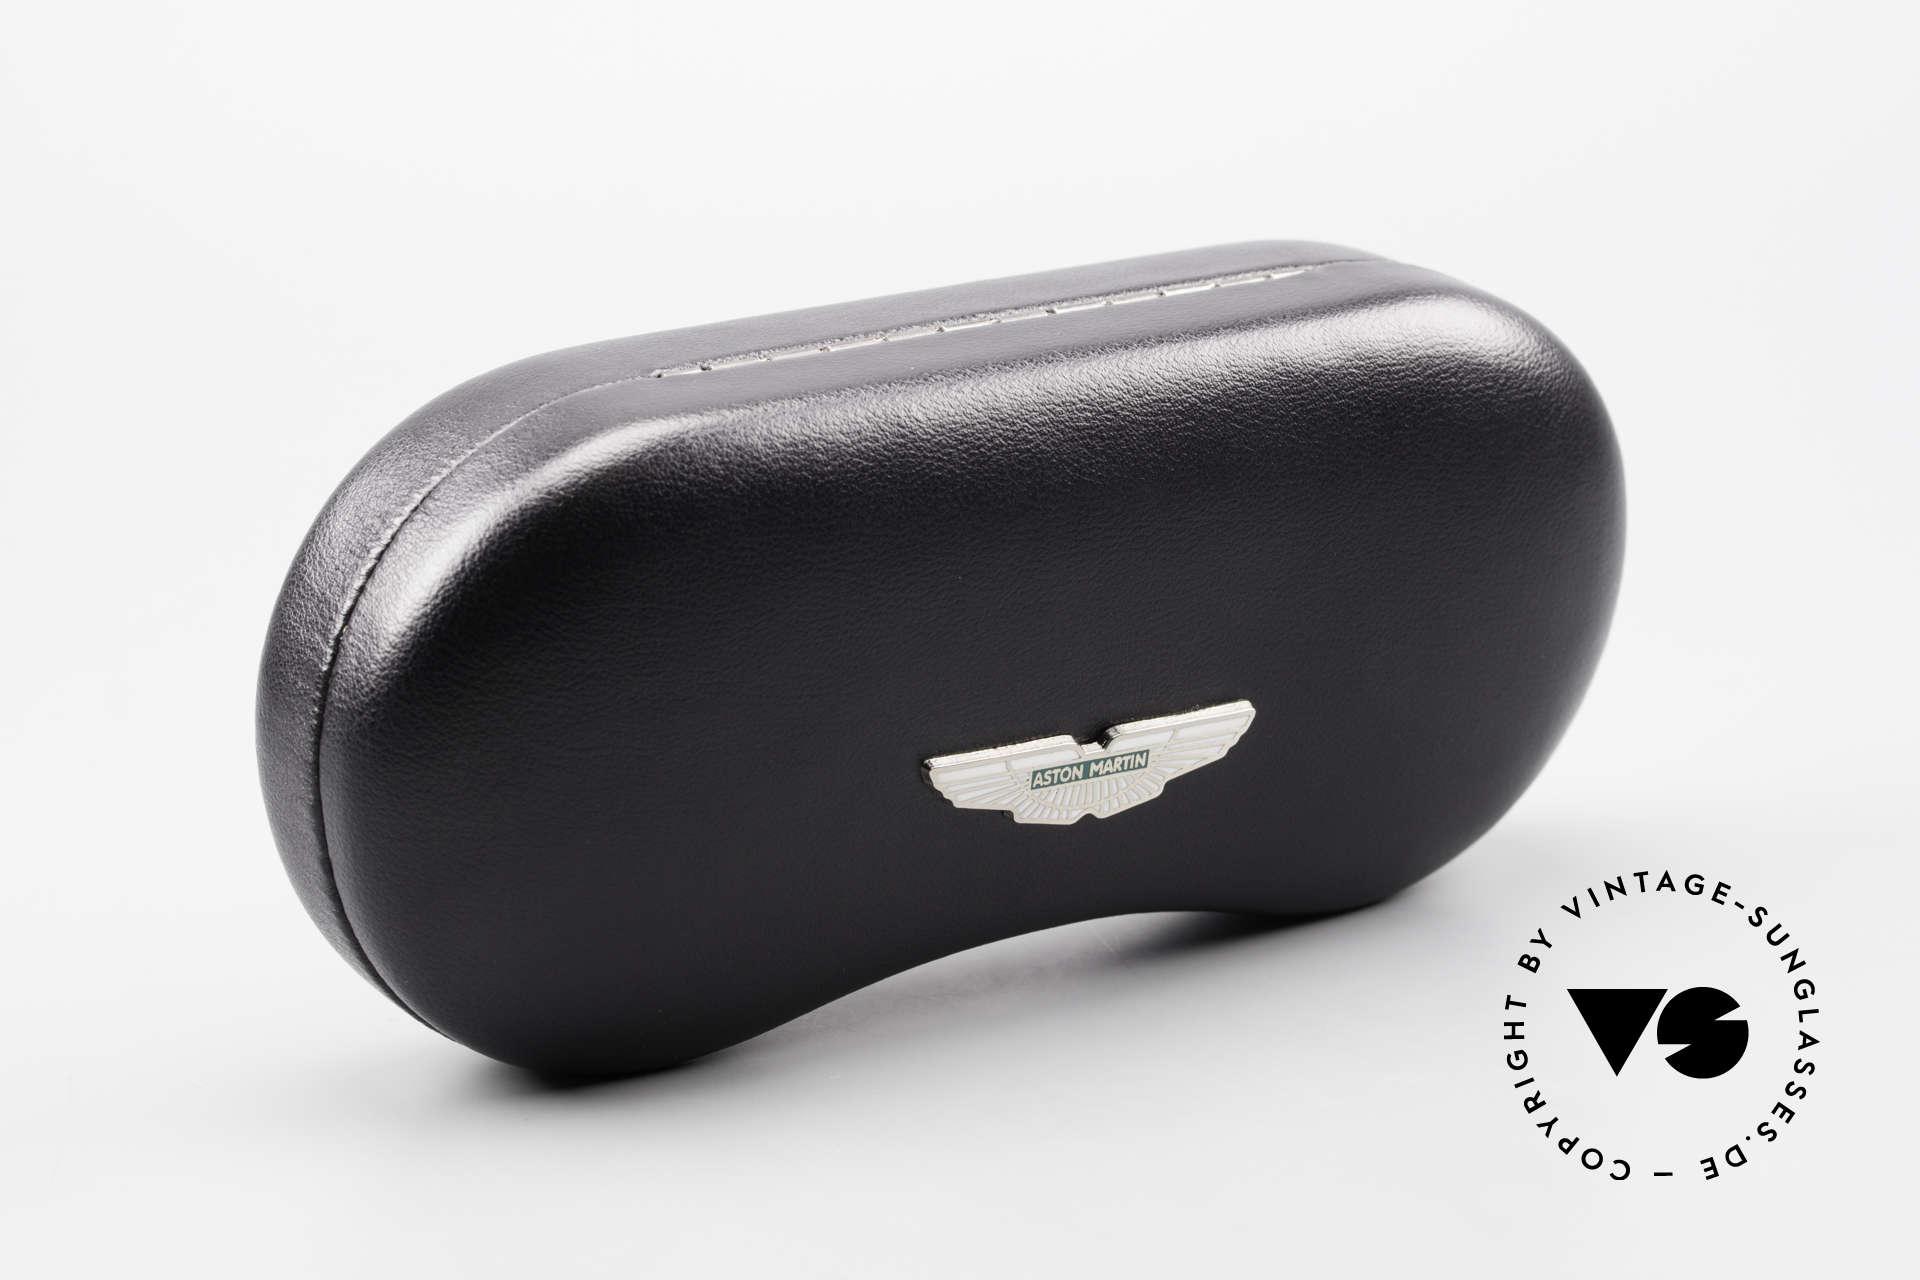 Aston Martin AM13 Ovale Sonnenbrille James Bond, ungetragenes Einzelstück in Gr. 52-17 (inkl. orig. Etui), Passend für Herren